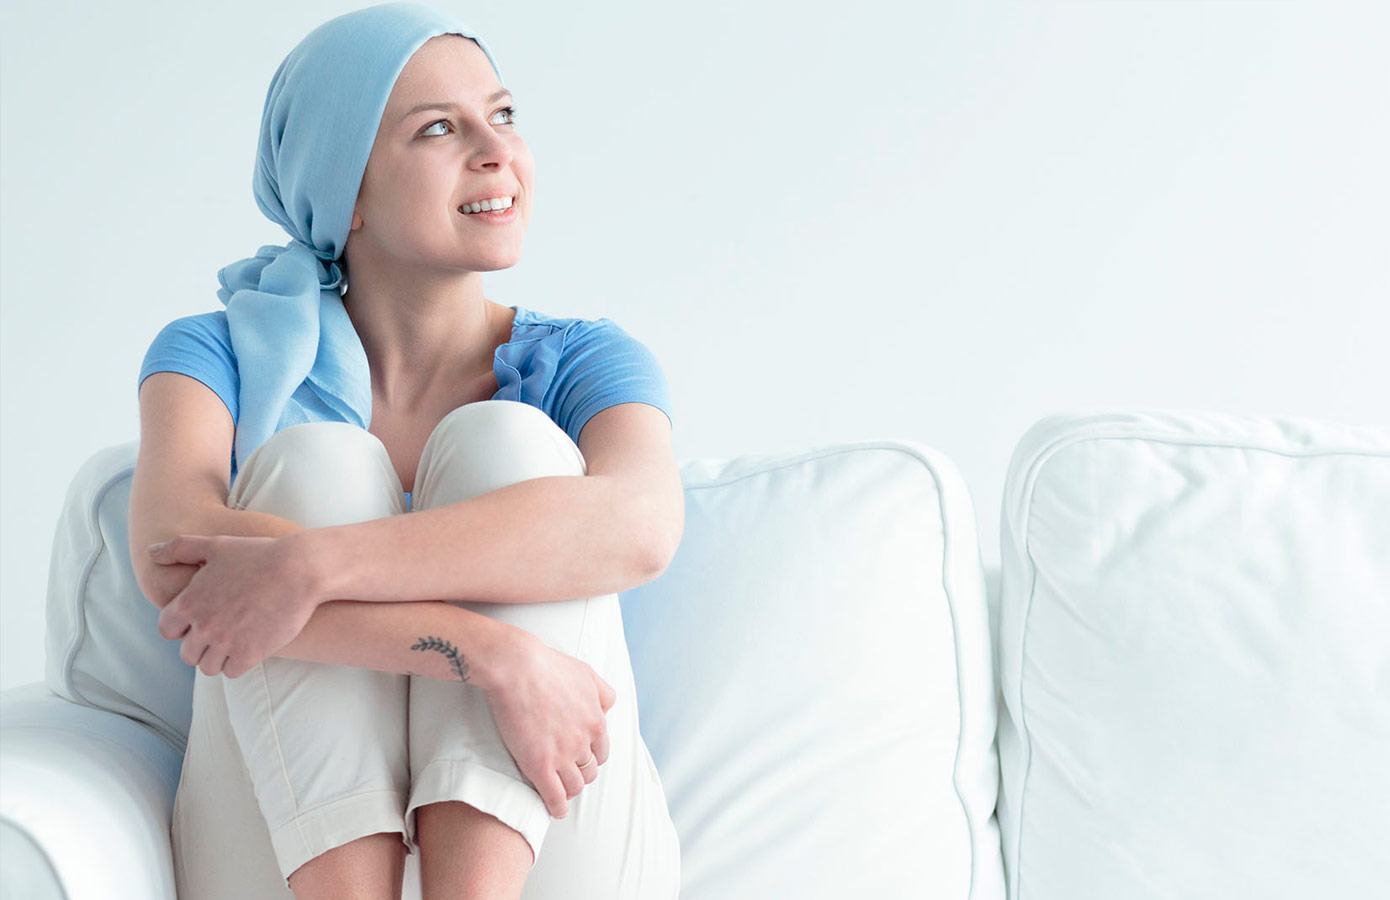 Detección oportuna de cáncer de mama